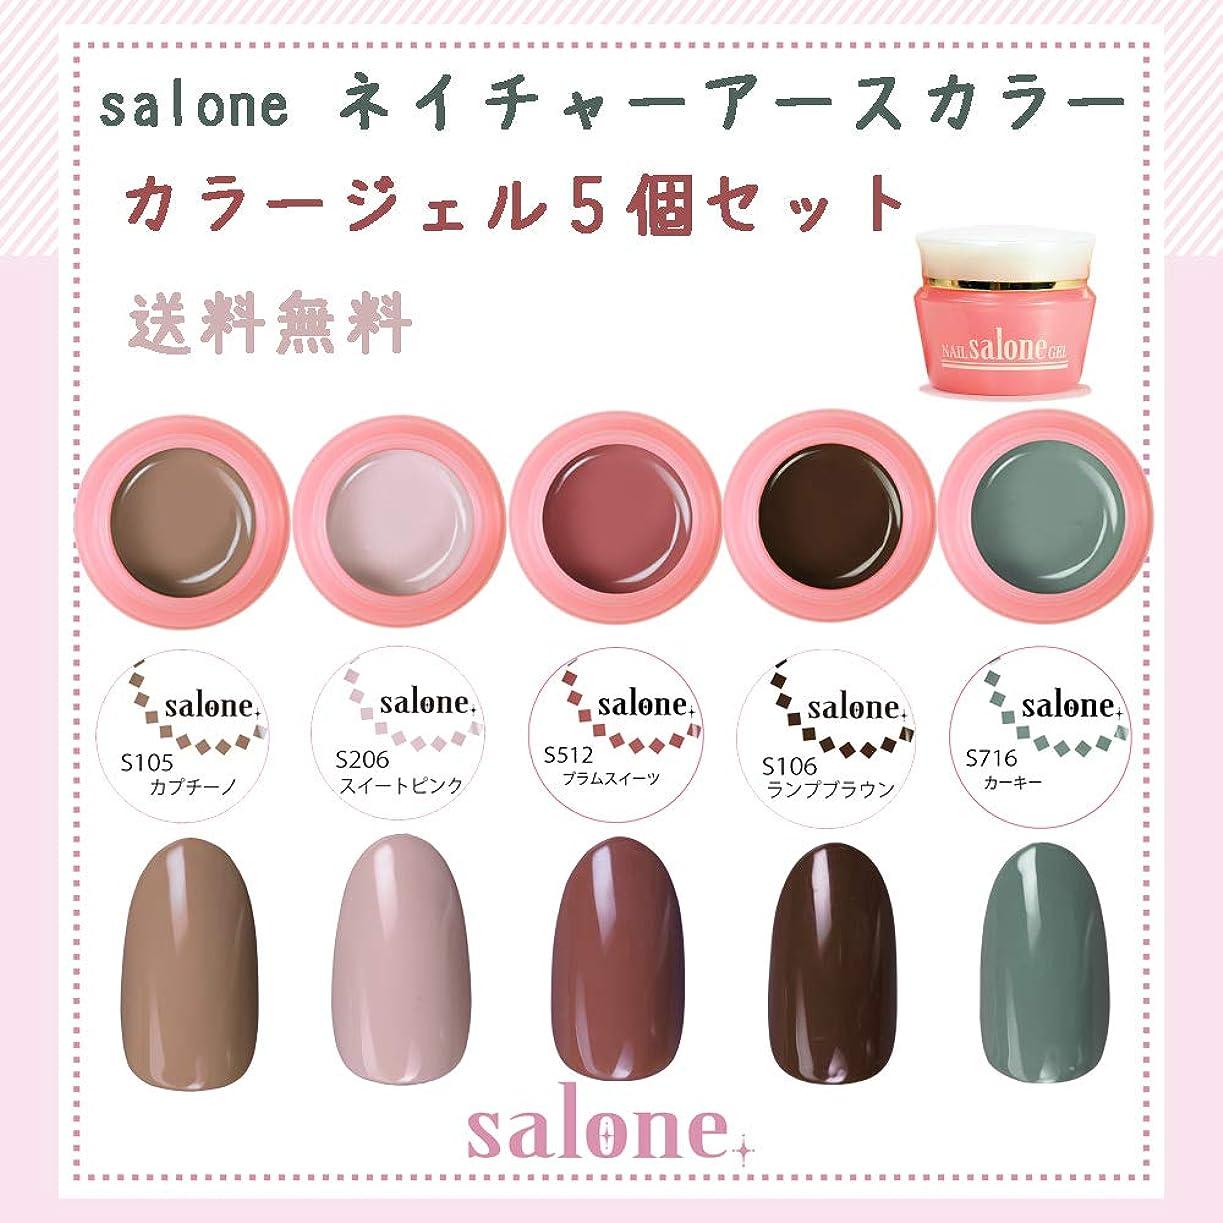 ベンチャー発言する遺跡【送料無料 日本製】Salone ネイチャーアースカラー カラージェル5個セット ボタニカルでネイチャーなカラーをチョイスしました。